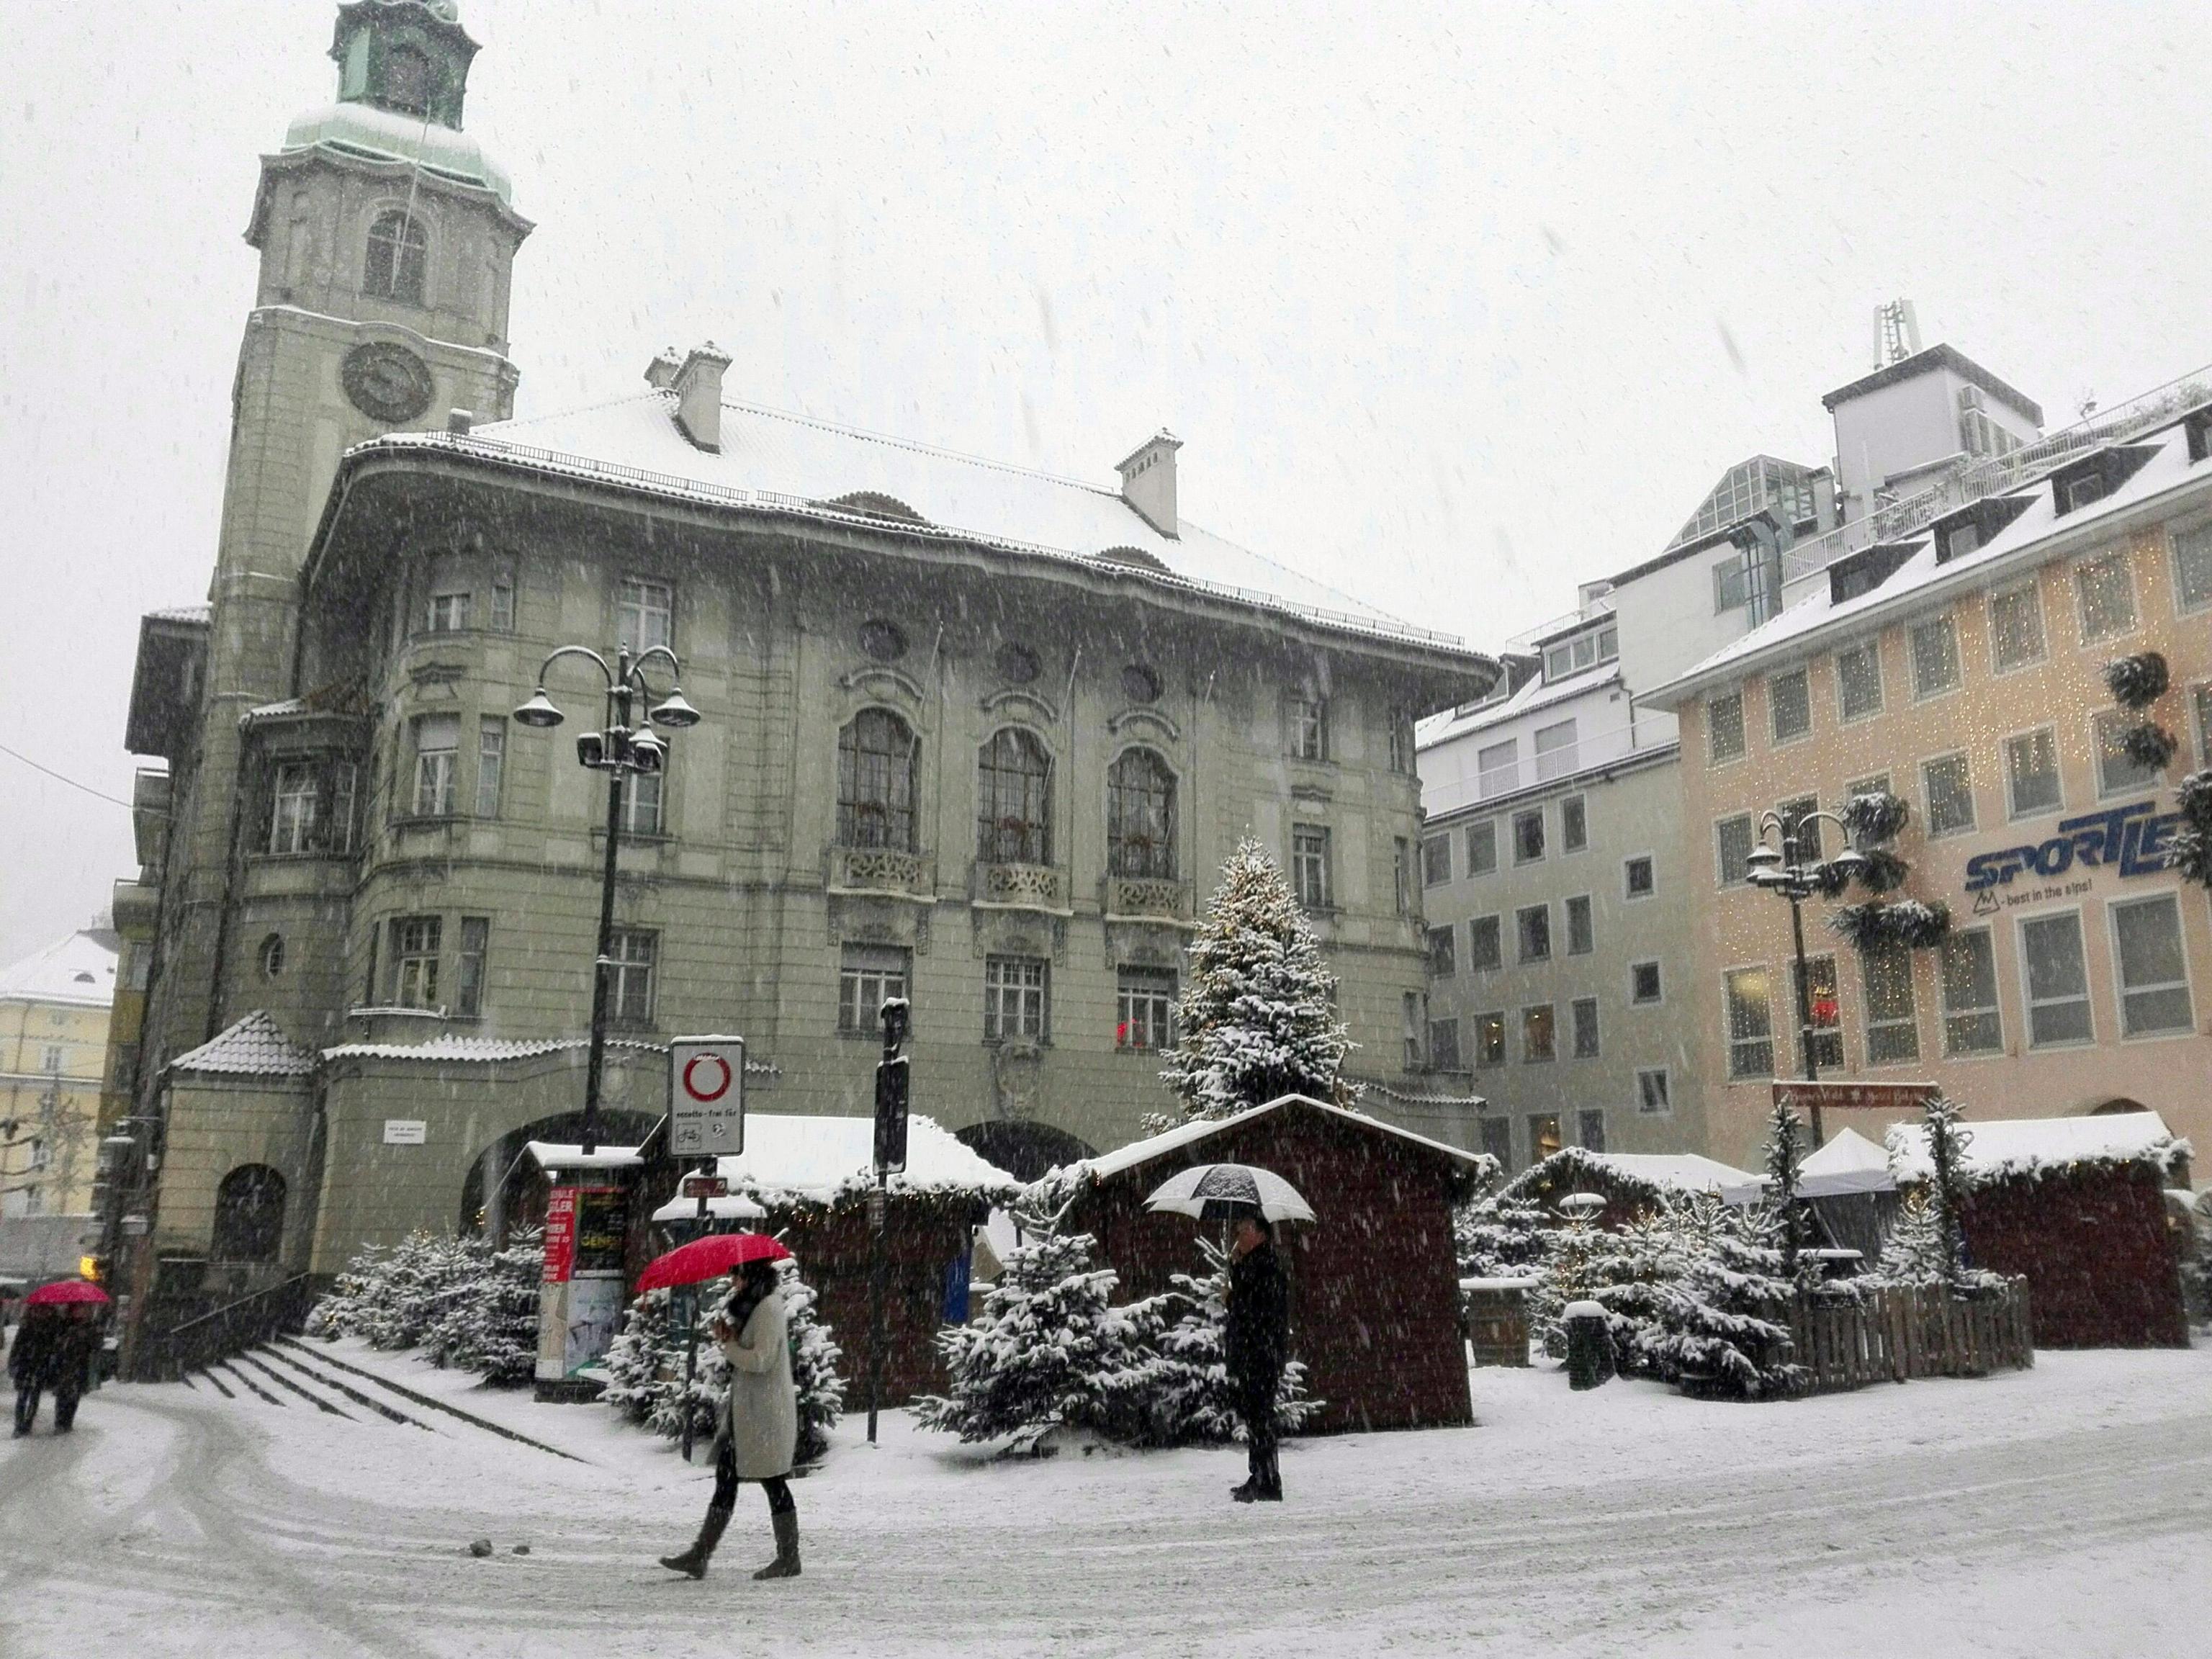 Maltempo: neve in tutto l'Alto Adige, anche a Bolzano